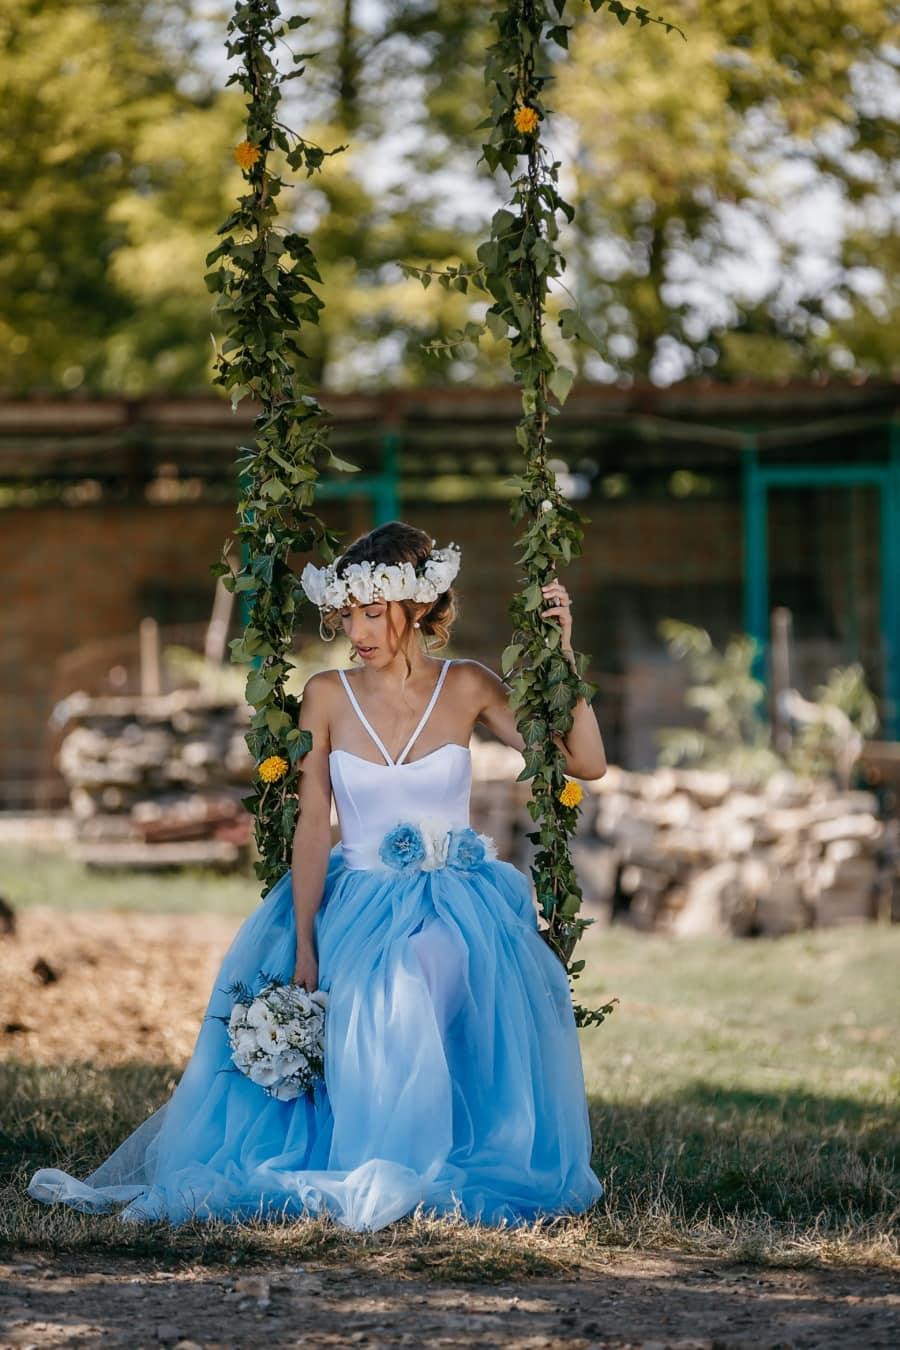 sitzen, Braut, allein, Schaukel, Dorf, Landschaft, romantische, Kleid, Mädchen, Porträt